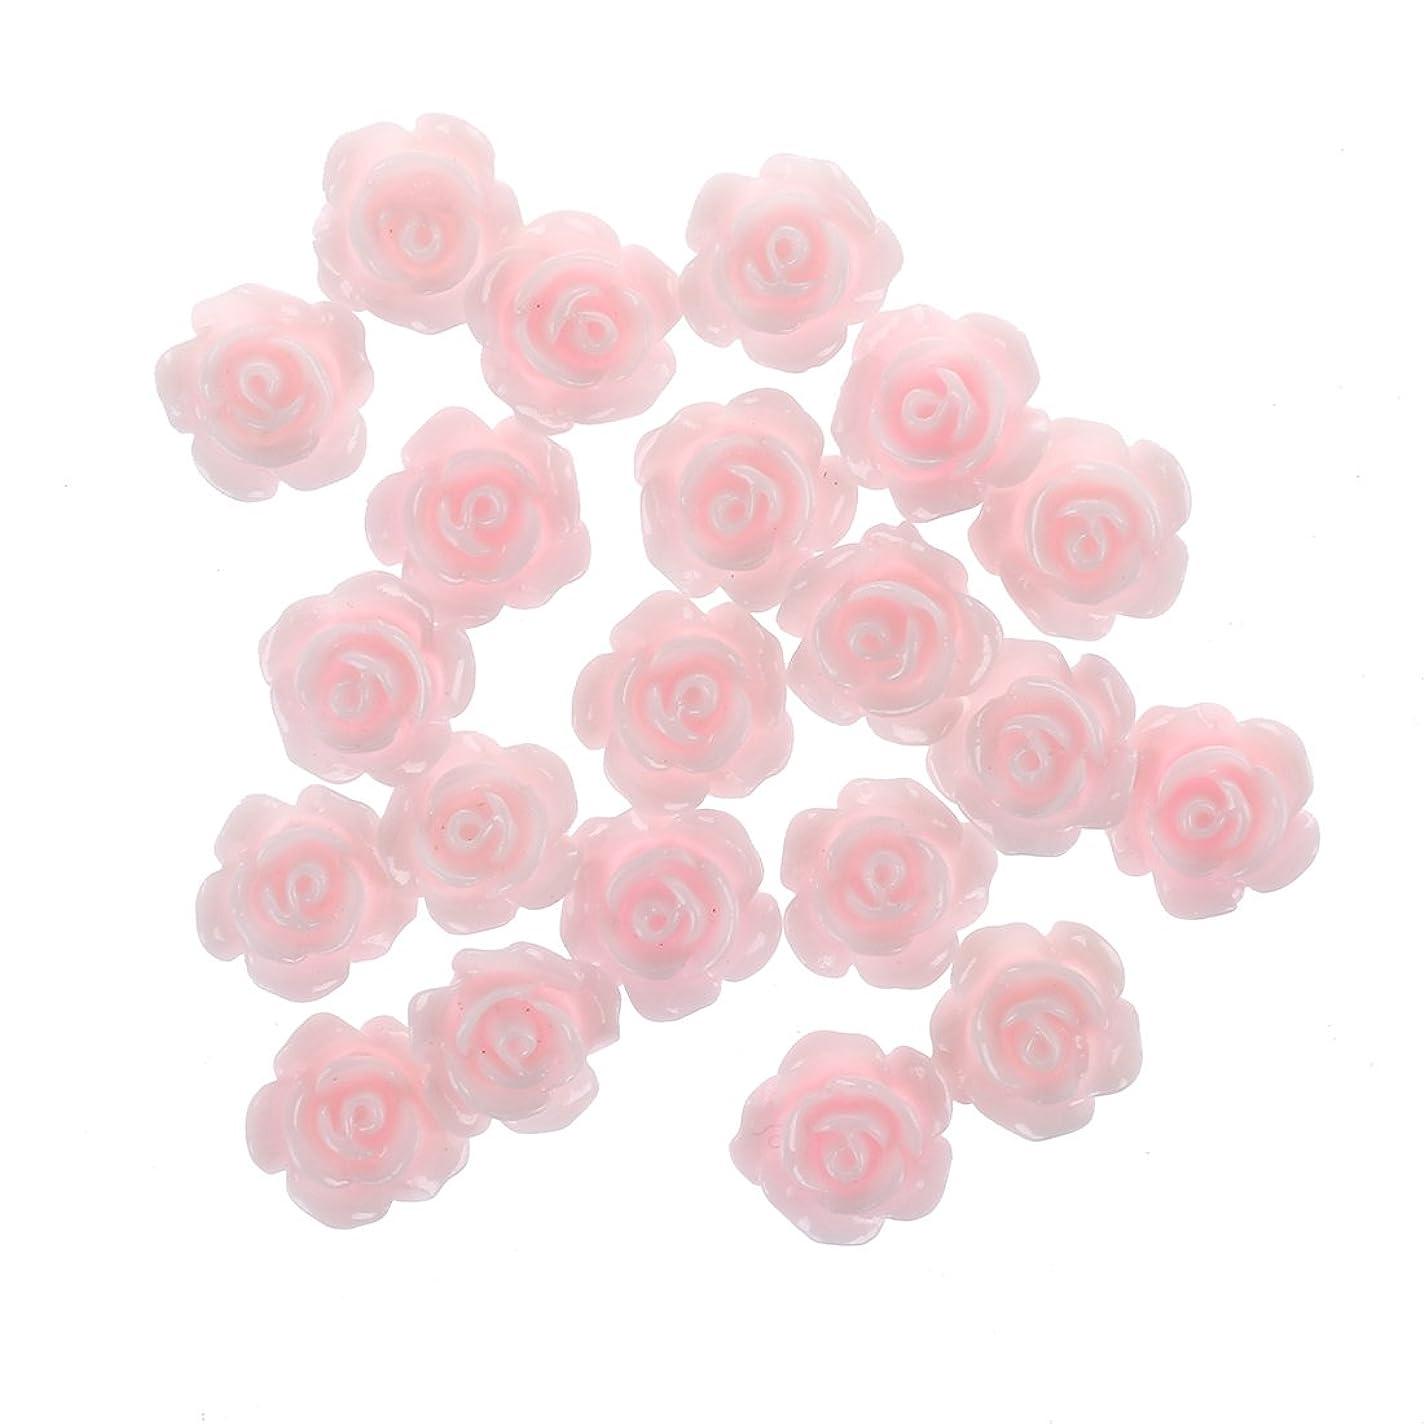 屋内所属雑多なRETYLY 20x3Dピンクの小さいバラ ラインストーン付きネイルアート装飾